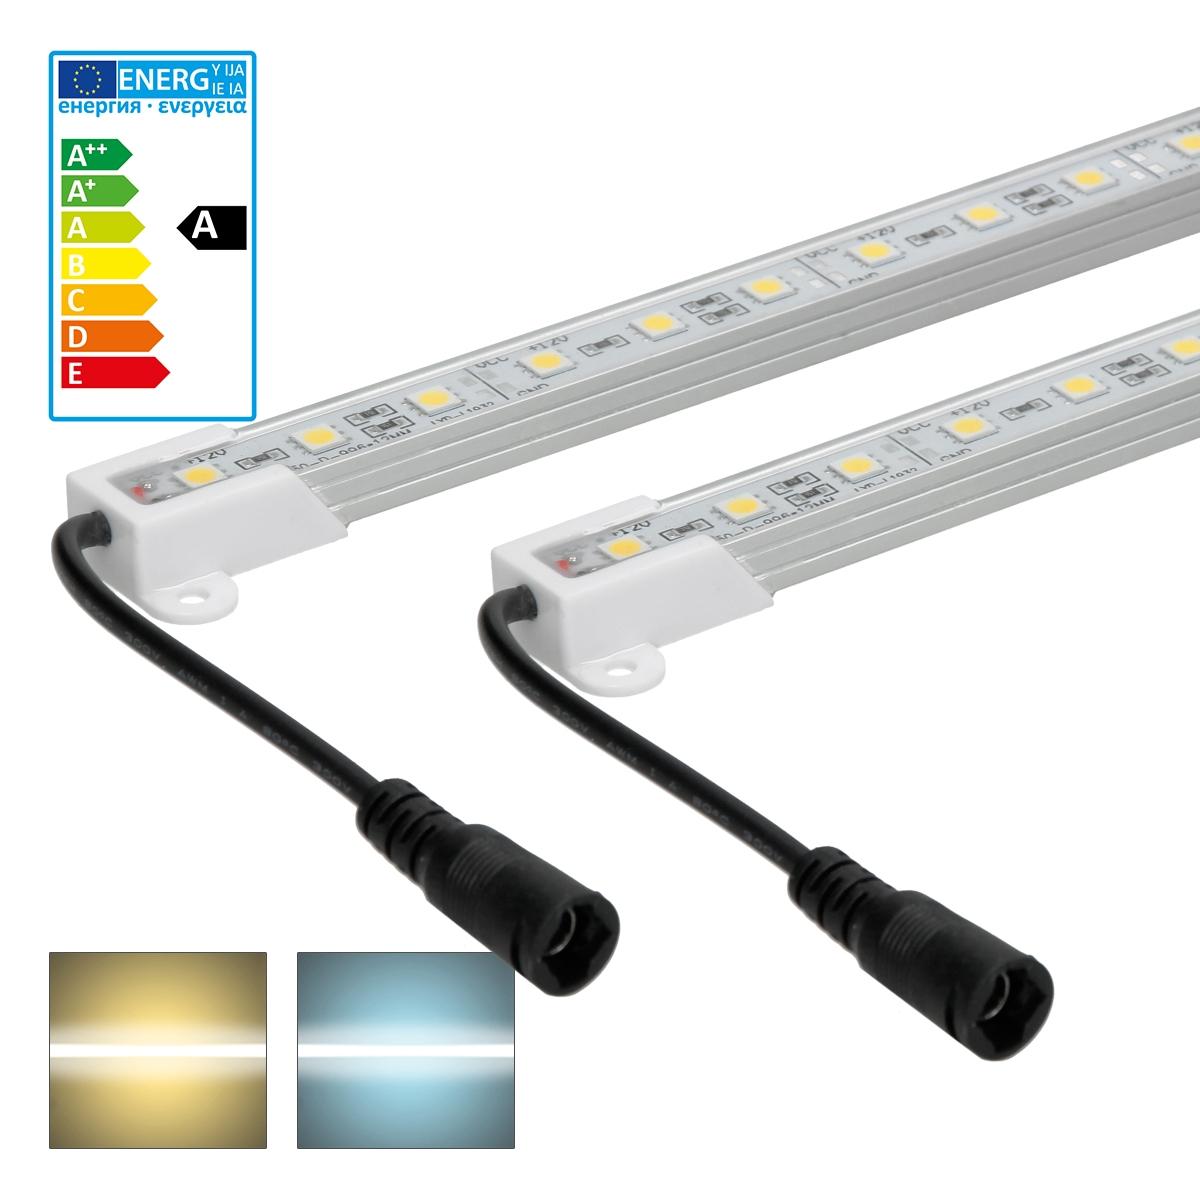 5x Unterbauleuchte Leiste Leuchte Lampe Lichtleiste 0,5m Unterbau Kaltweiß SMD